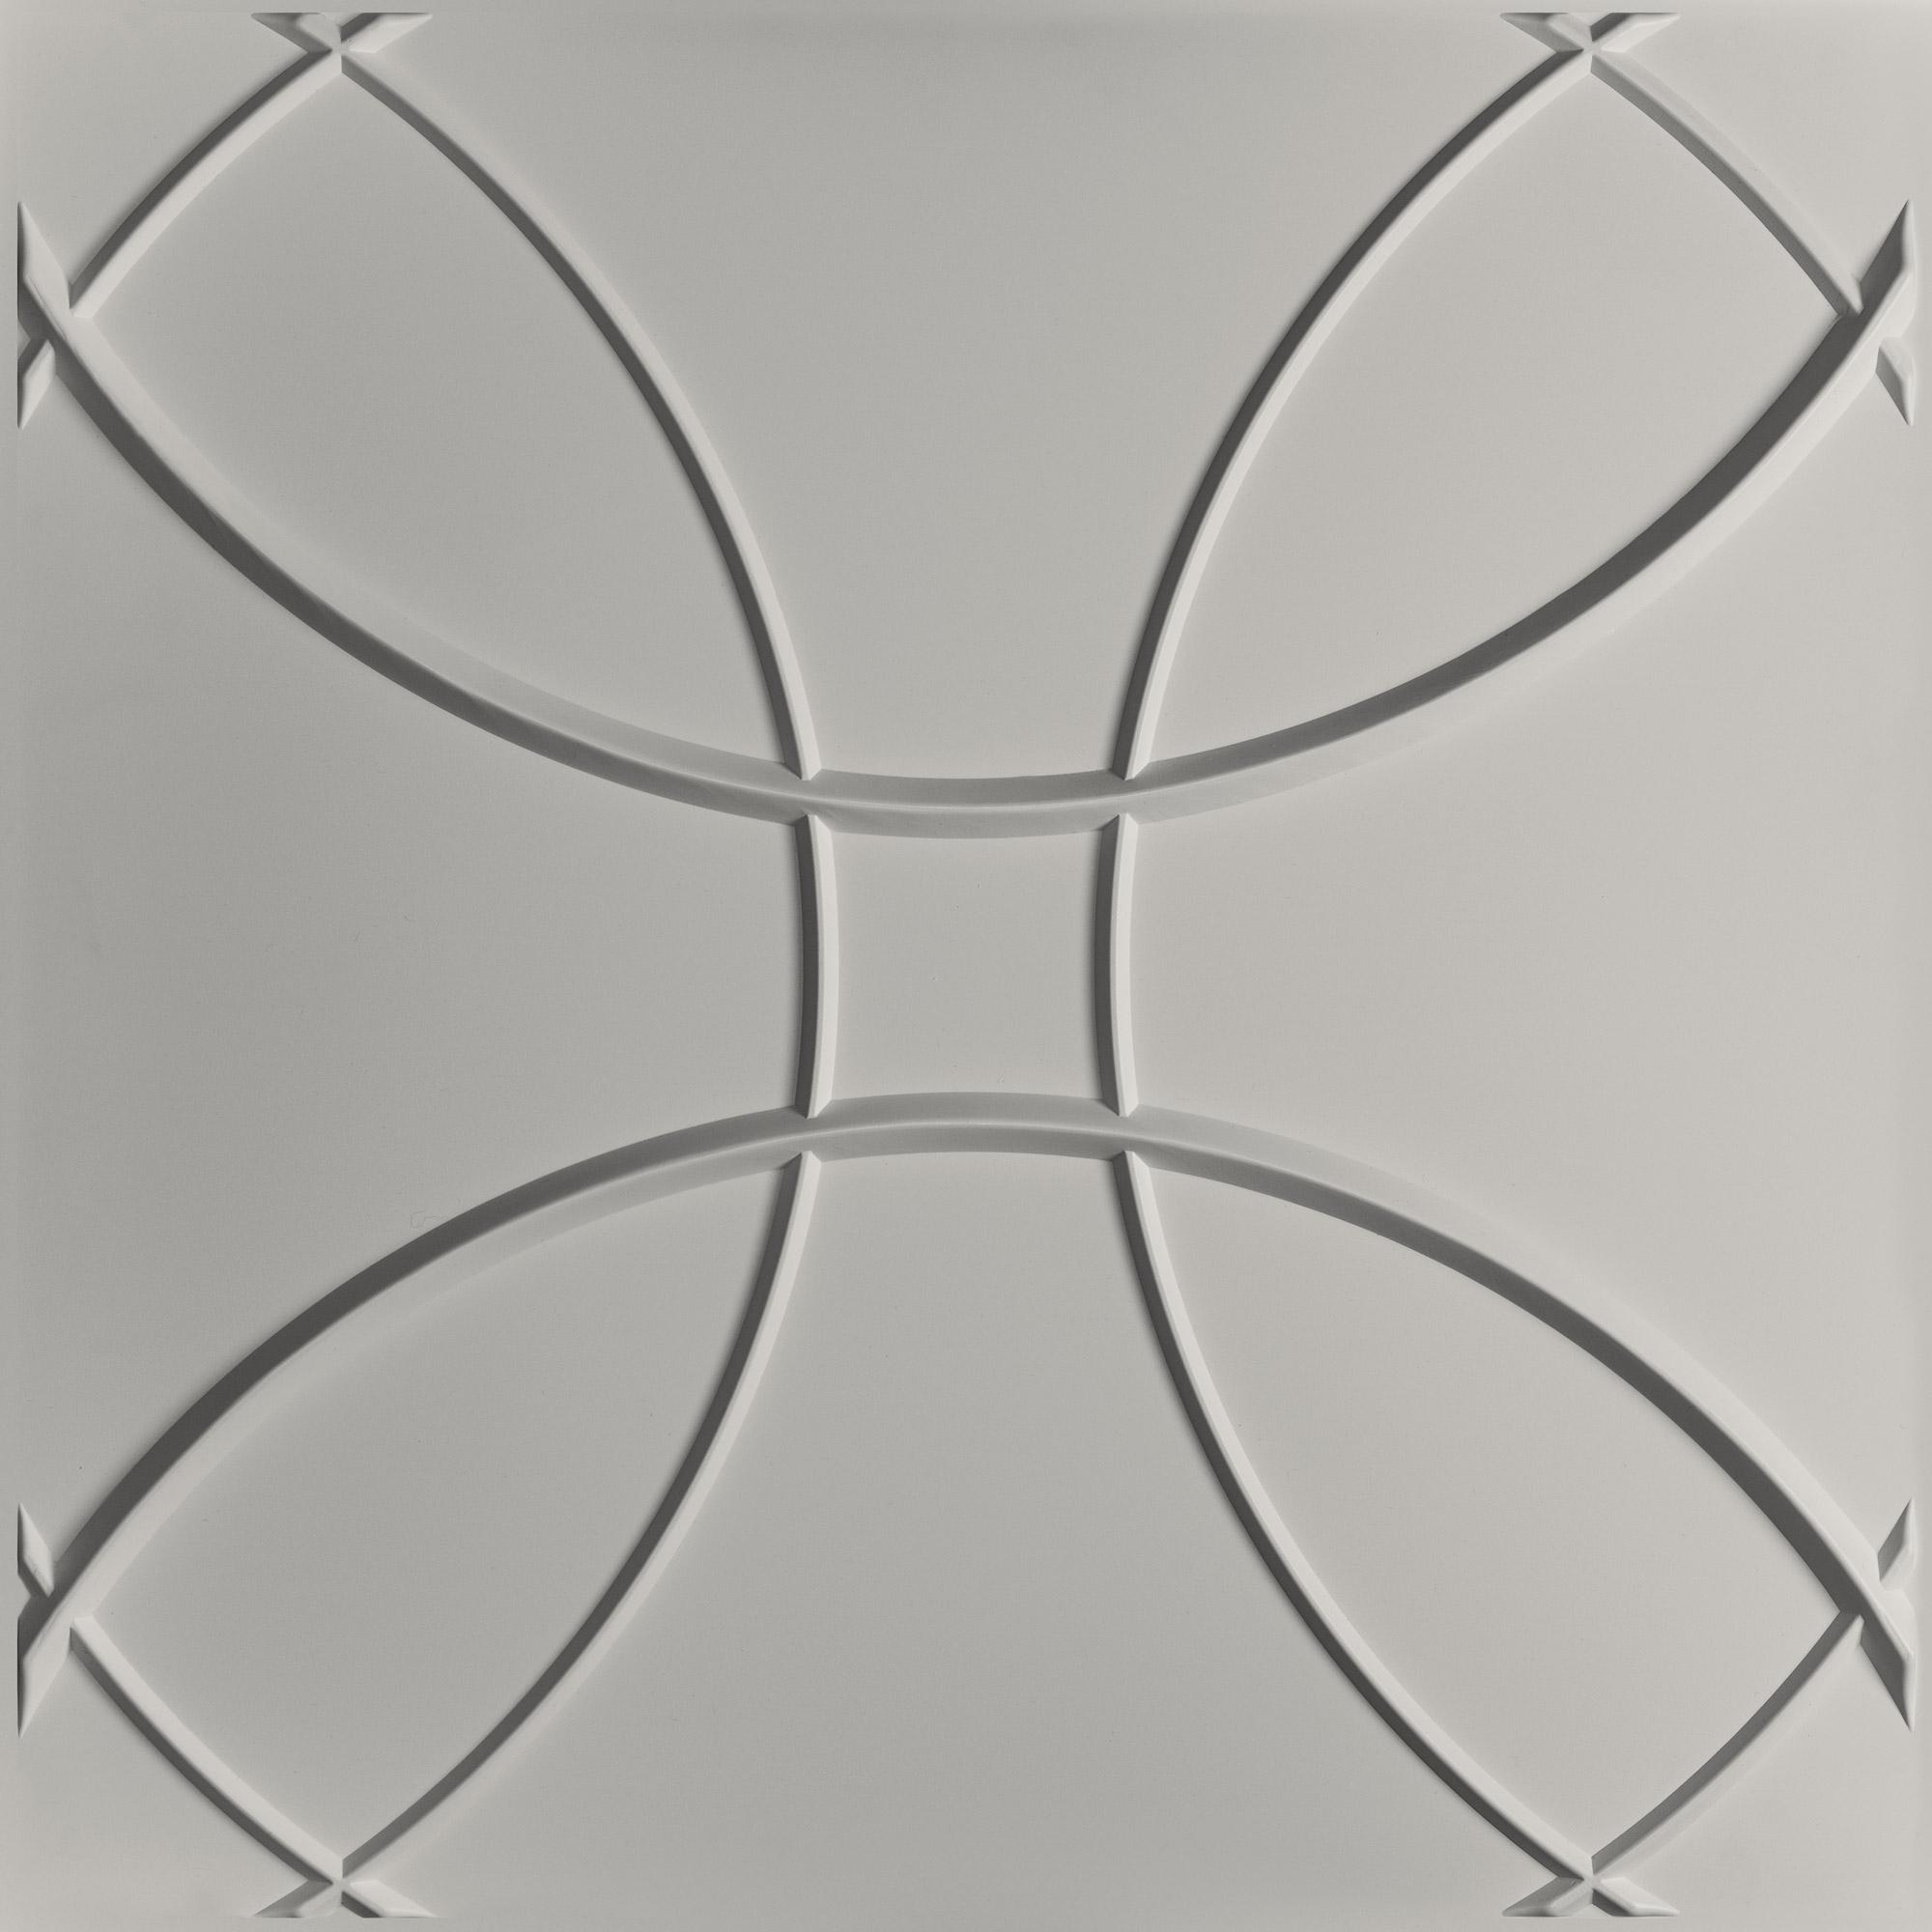 Celestial Ceiling Tiles